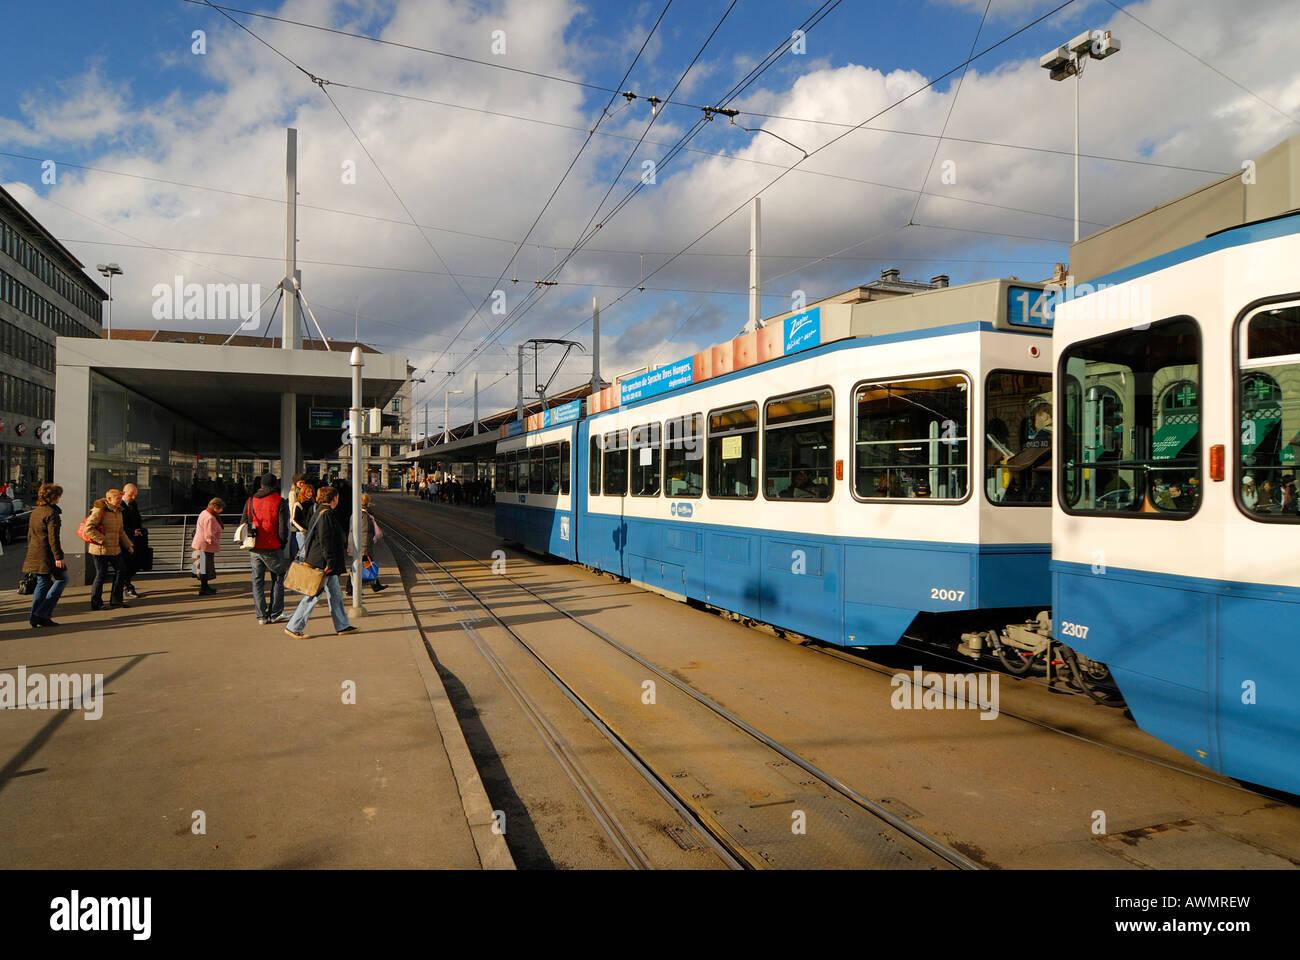 Zuerich - La fermata del tram nei pressi della stazione centrale - Svizzera, Europa. Foto Stock